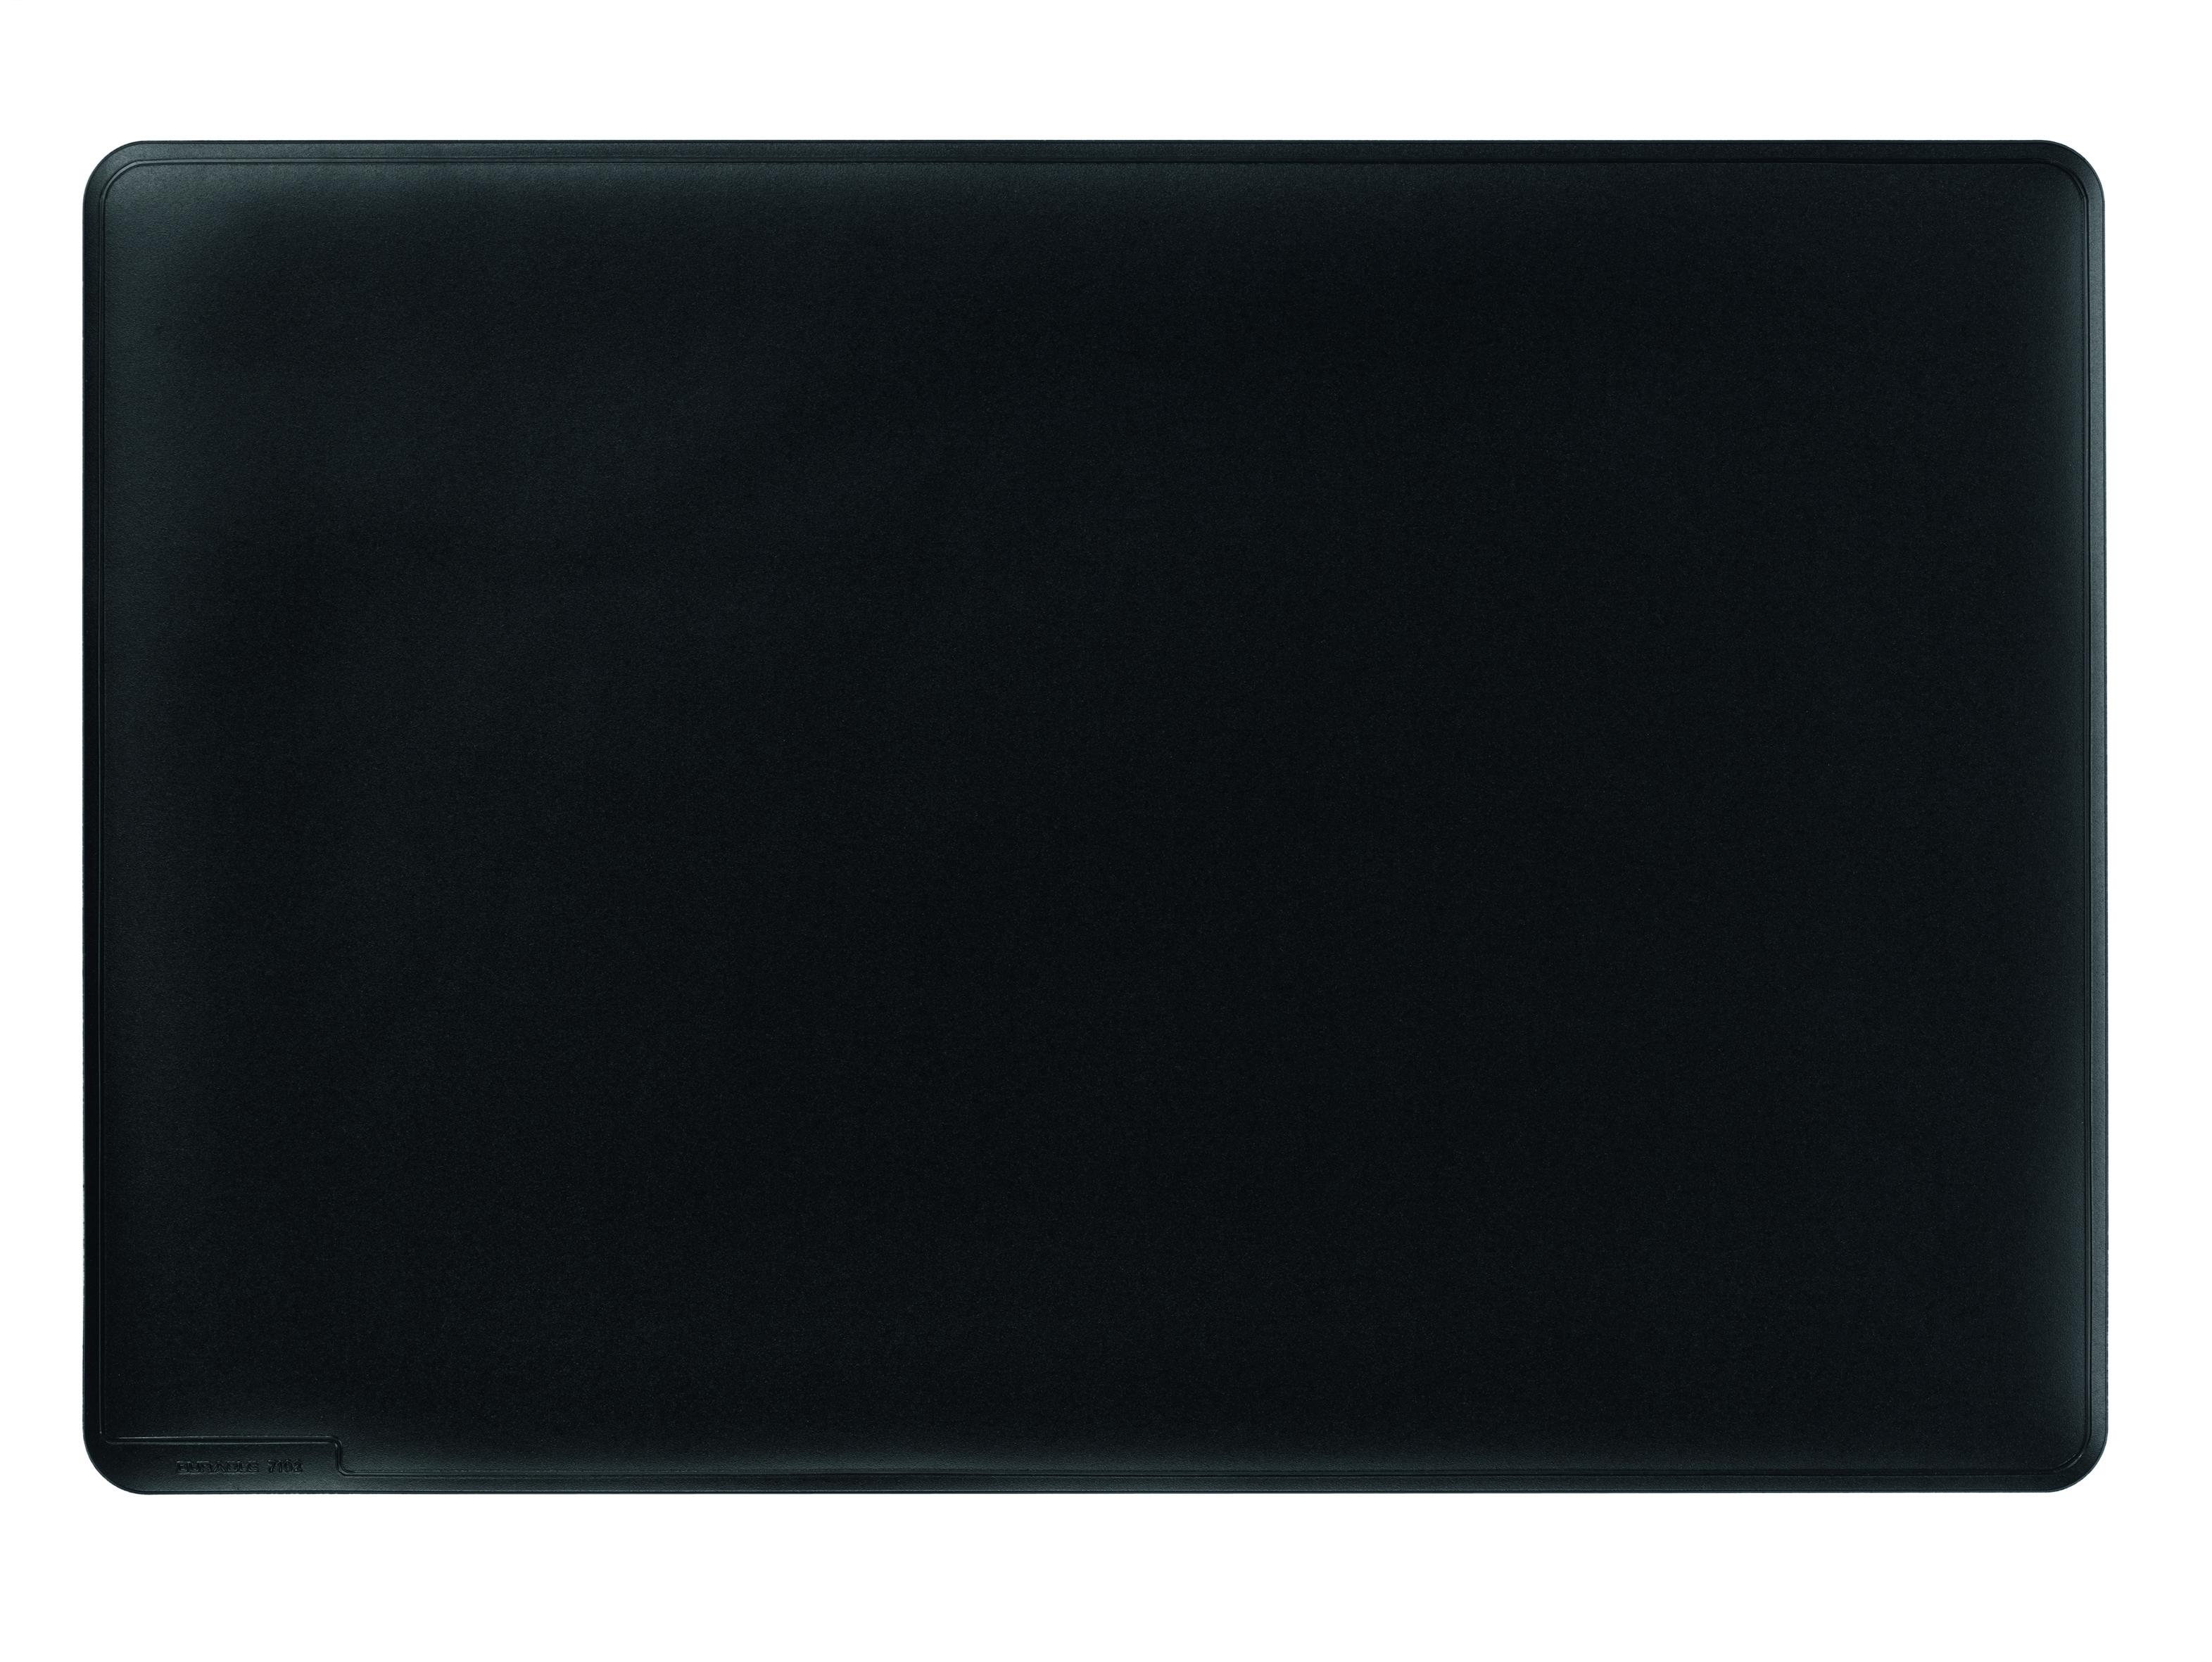 Durable Black Desk Mat With Contoured Edges 400x530mm 7102 01